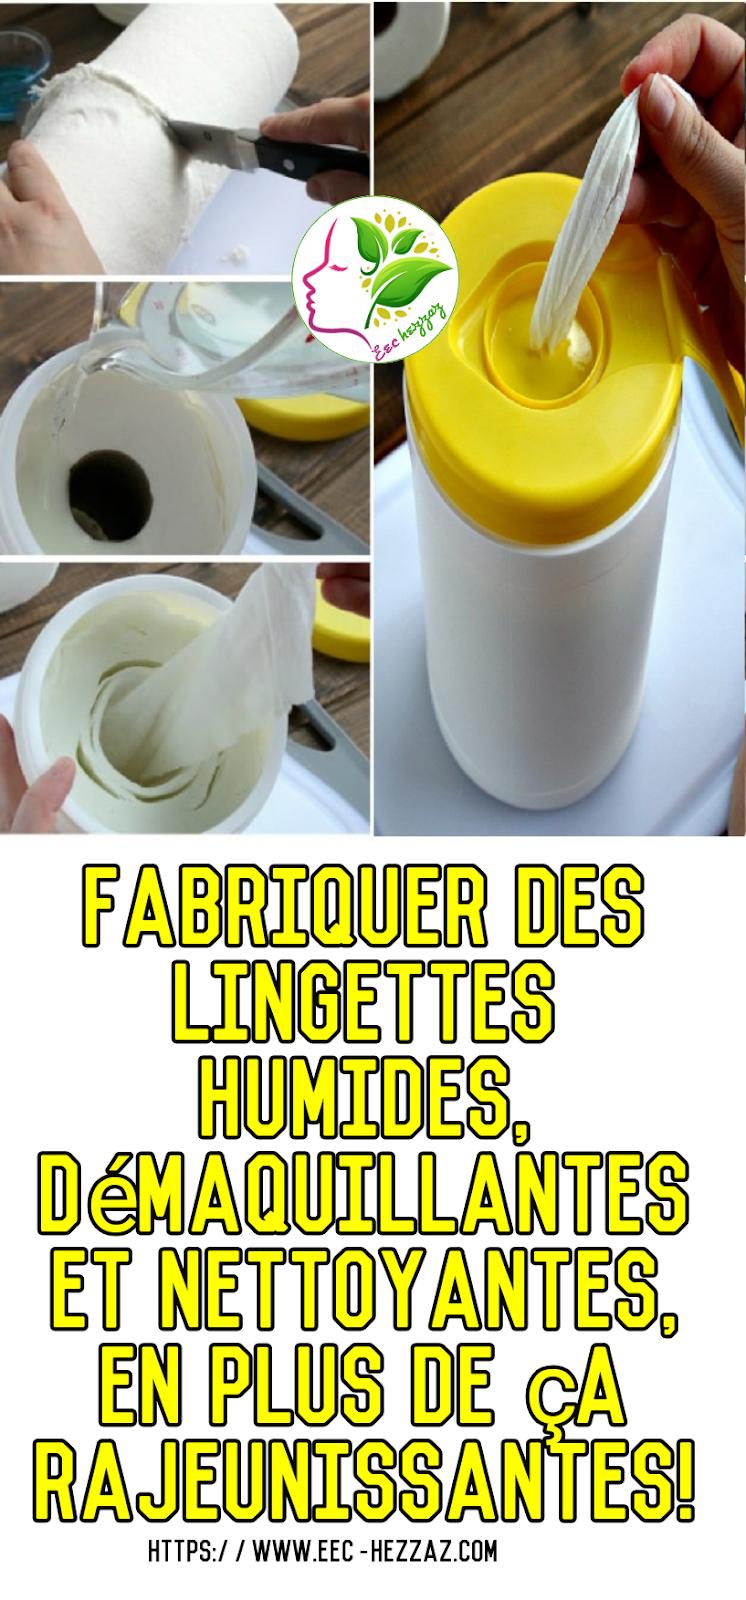 Fabriquer des lingettes humides, démaquillantes et nettoyantes, en plus de ça rajeunissantes!